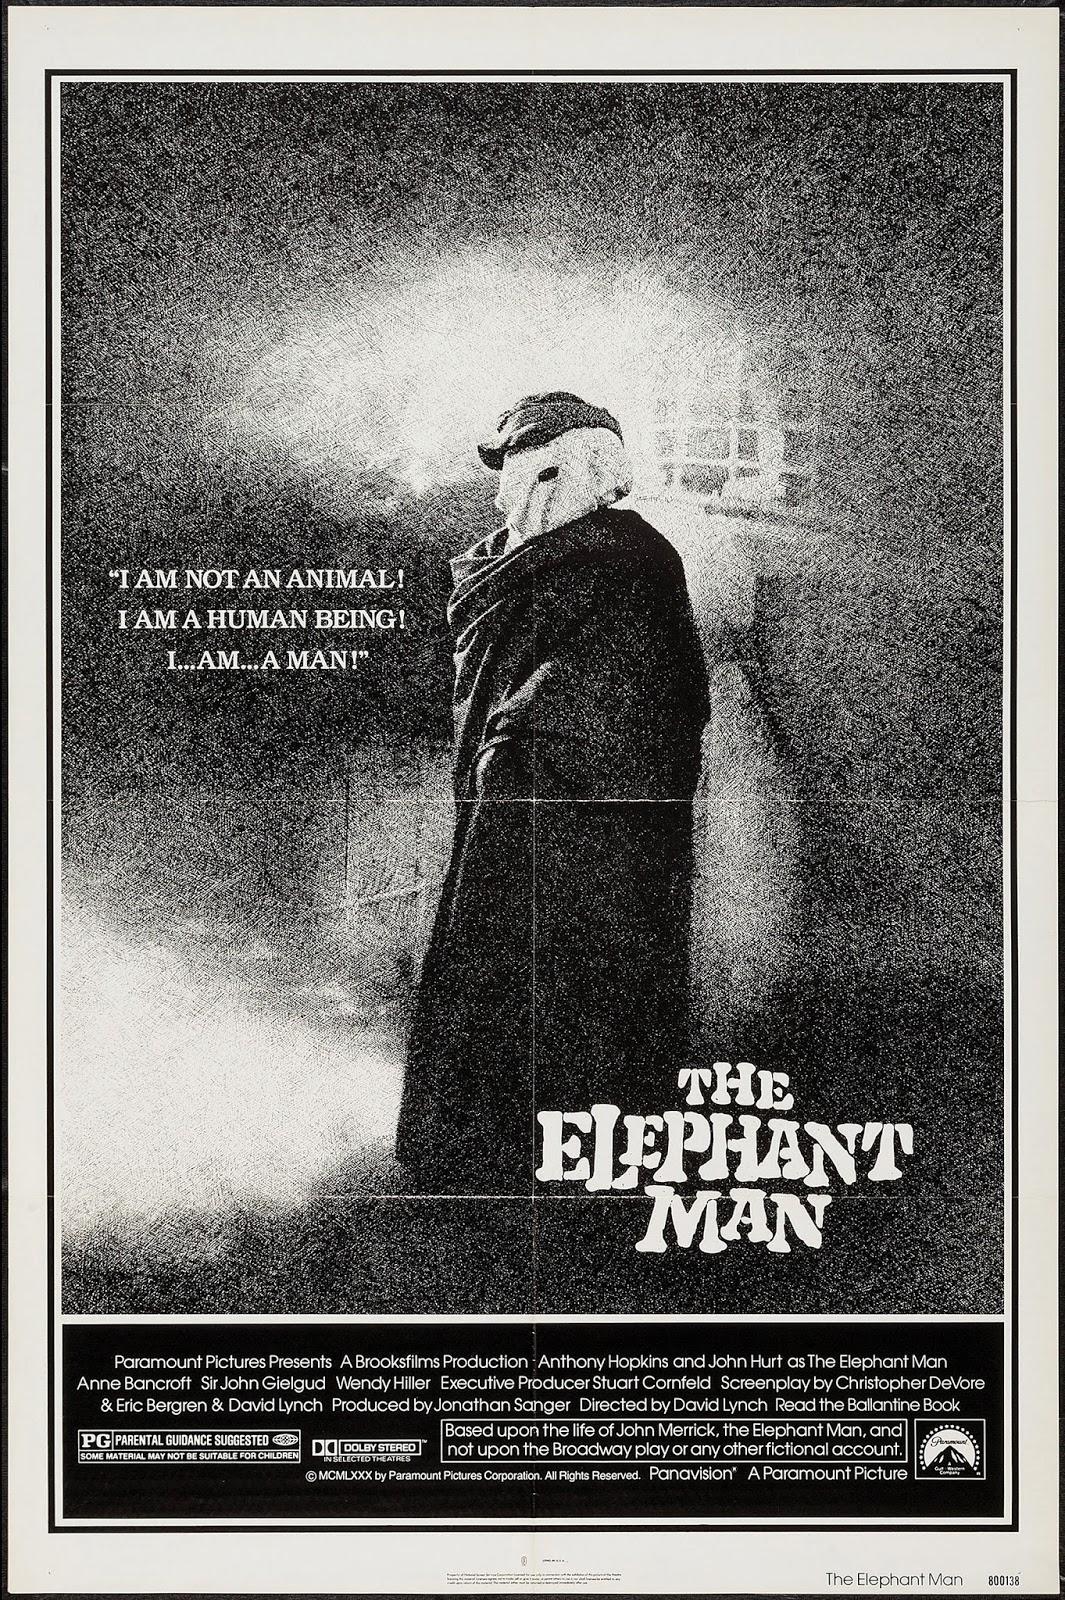 der elefantenmensch 1980